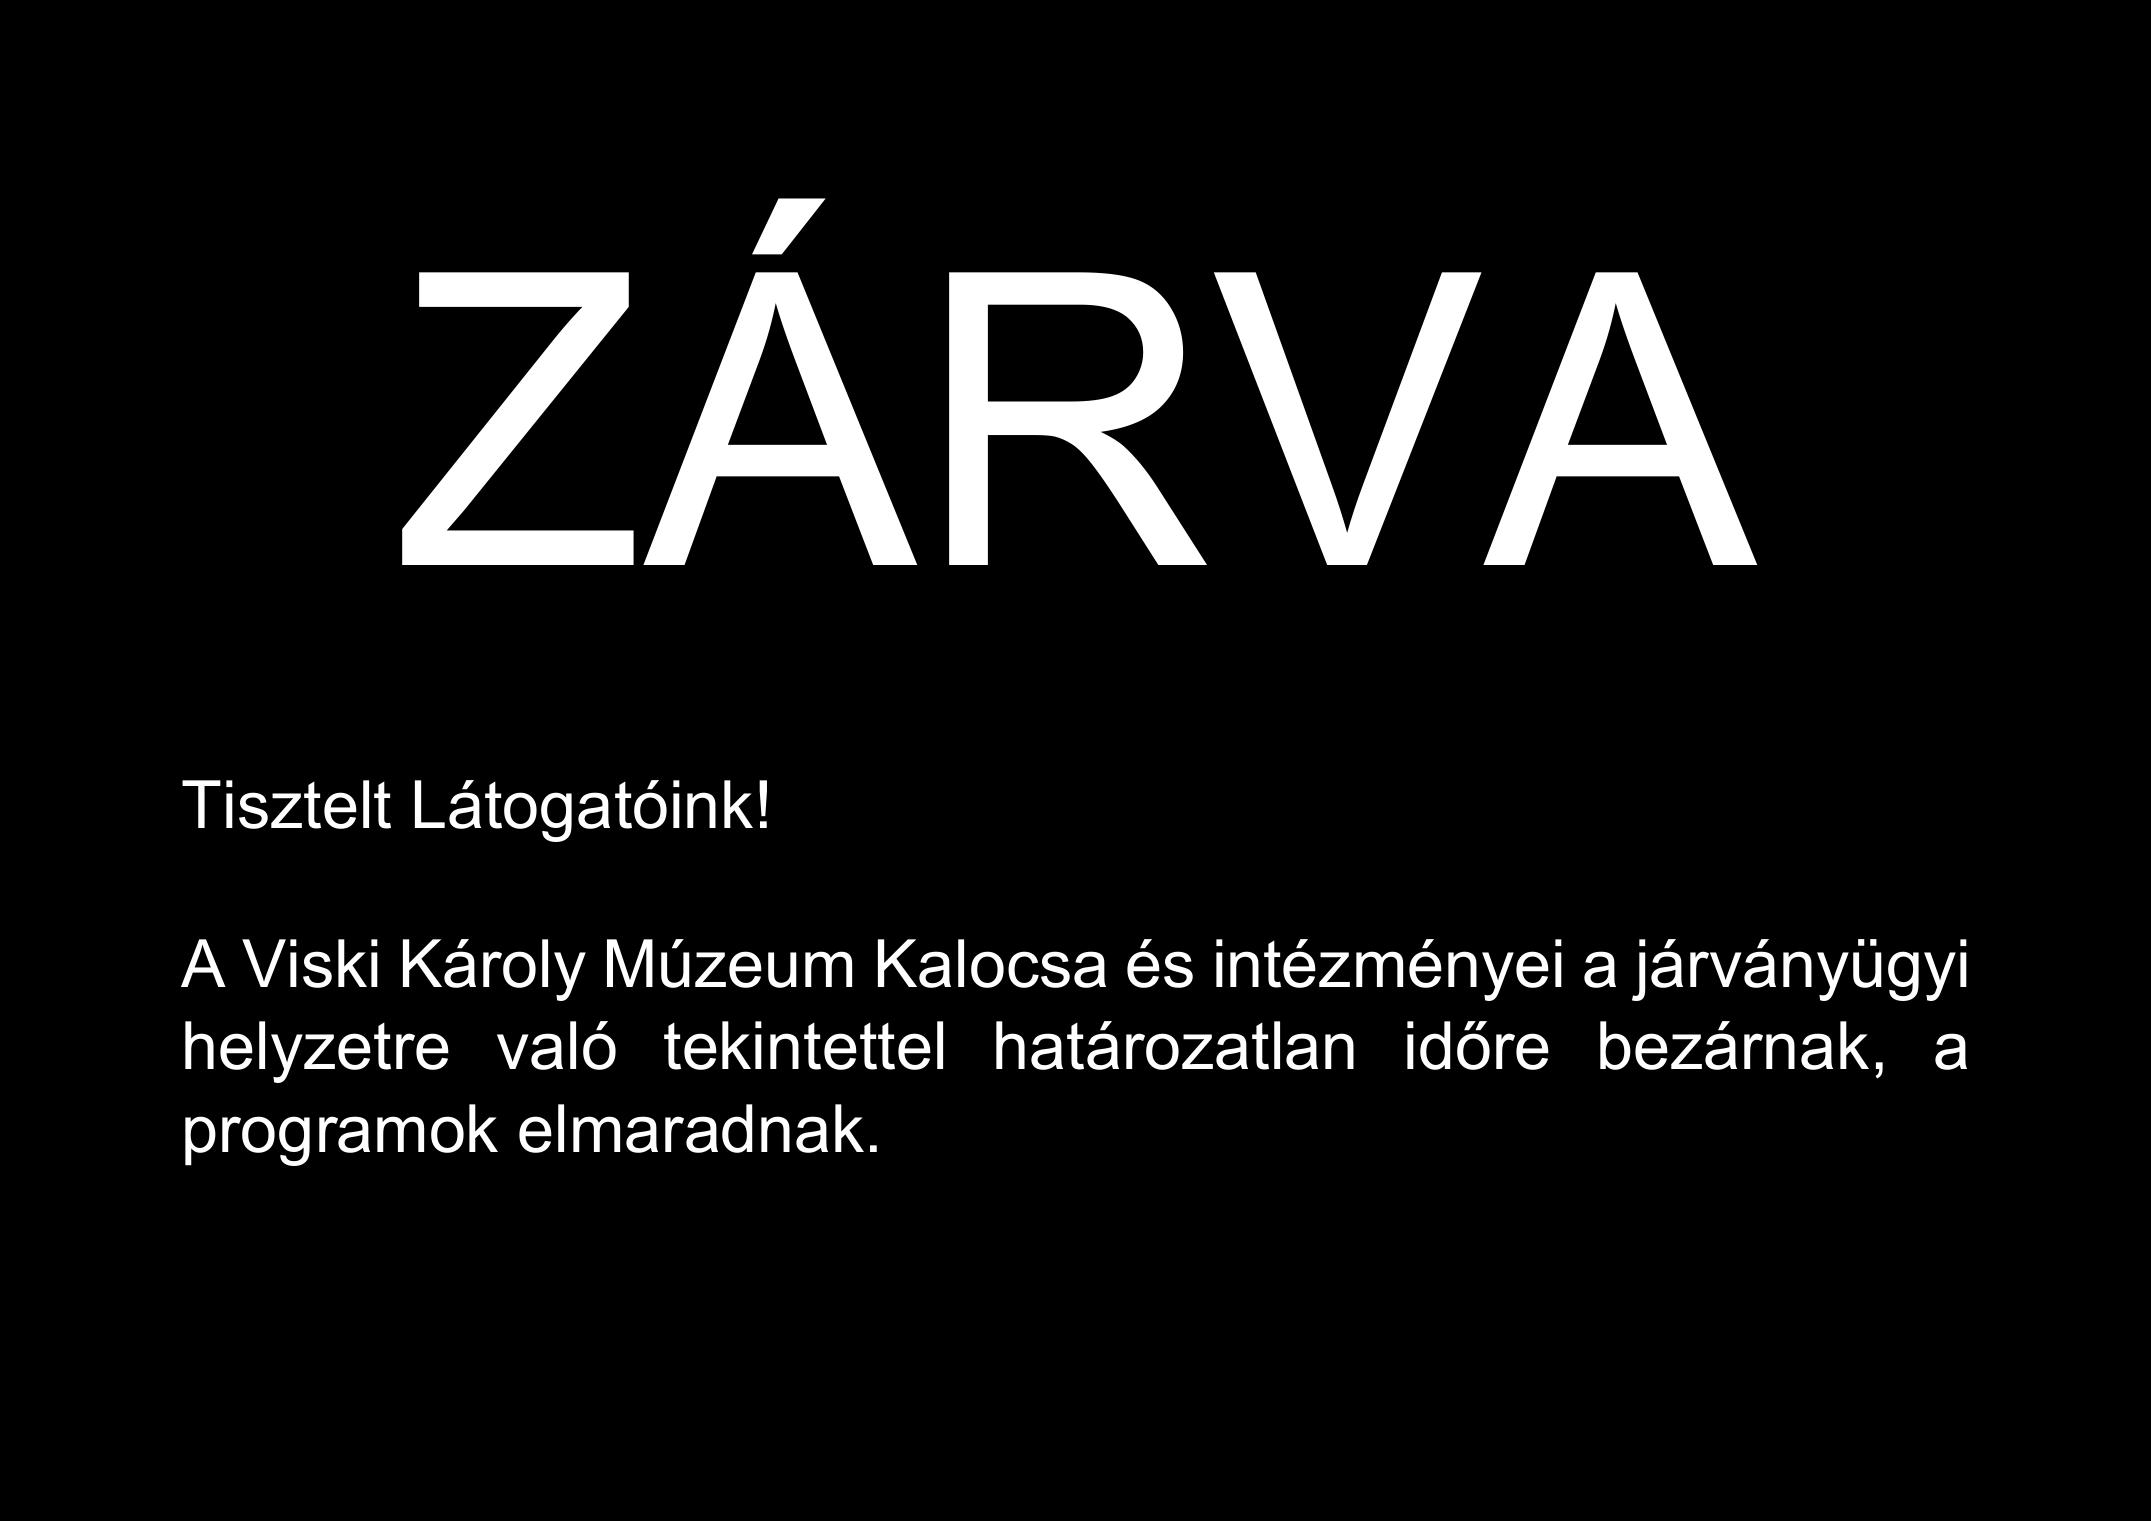 ZÁRVA Tisztelt Látogatóink! A Viski Károly Múzeum Kalocsa és intézményei a járványügyi helyzetre való tekintettel határozatlan időre bezárnak. A döntést március 31-én felülvizsgáljuk. Április 23-ig minden program elmarad. Elnézést kérünk a kellemetlenségért.